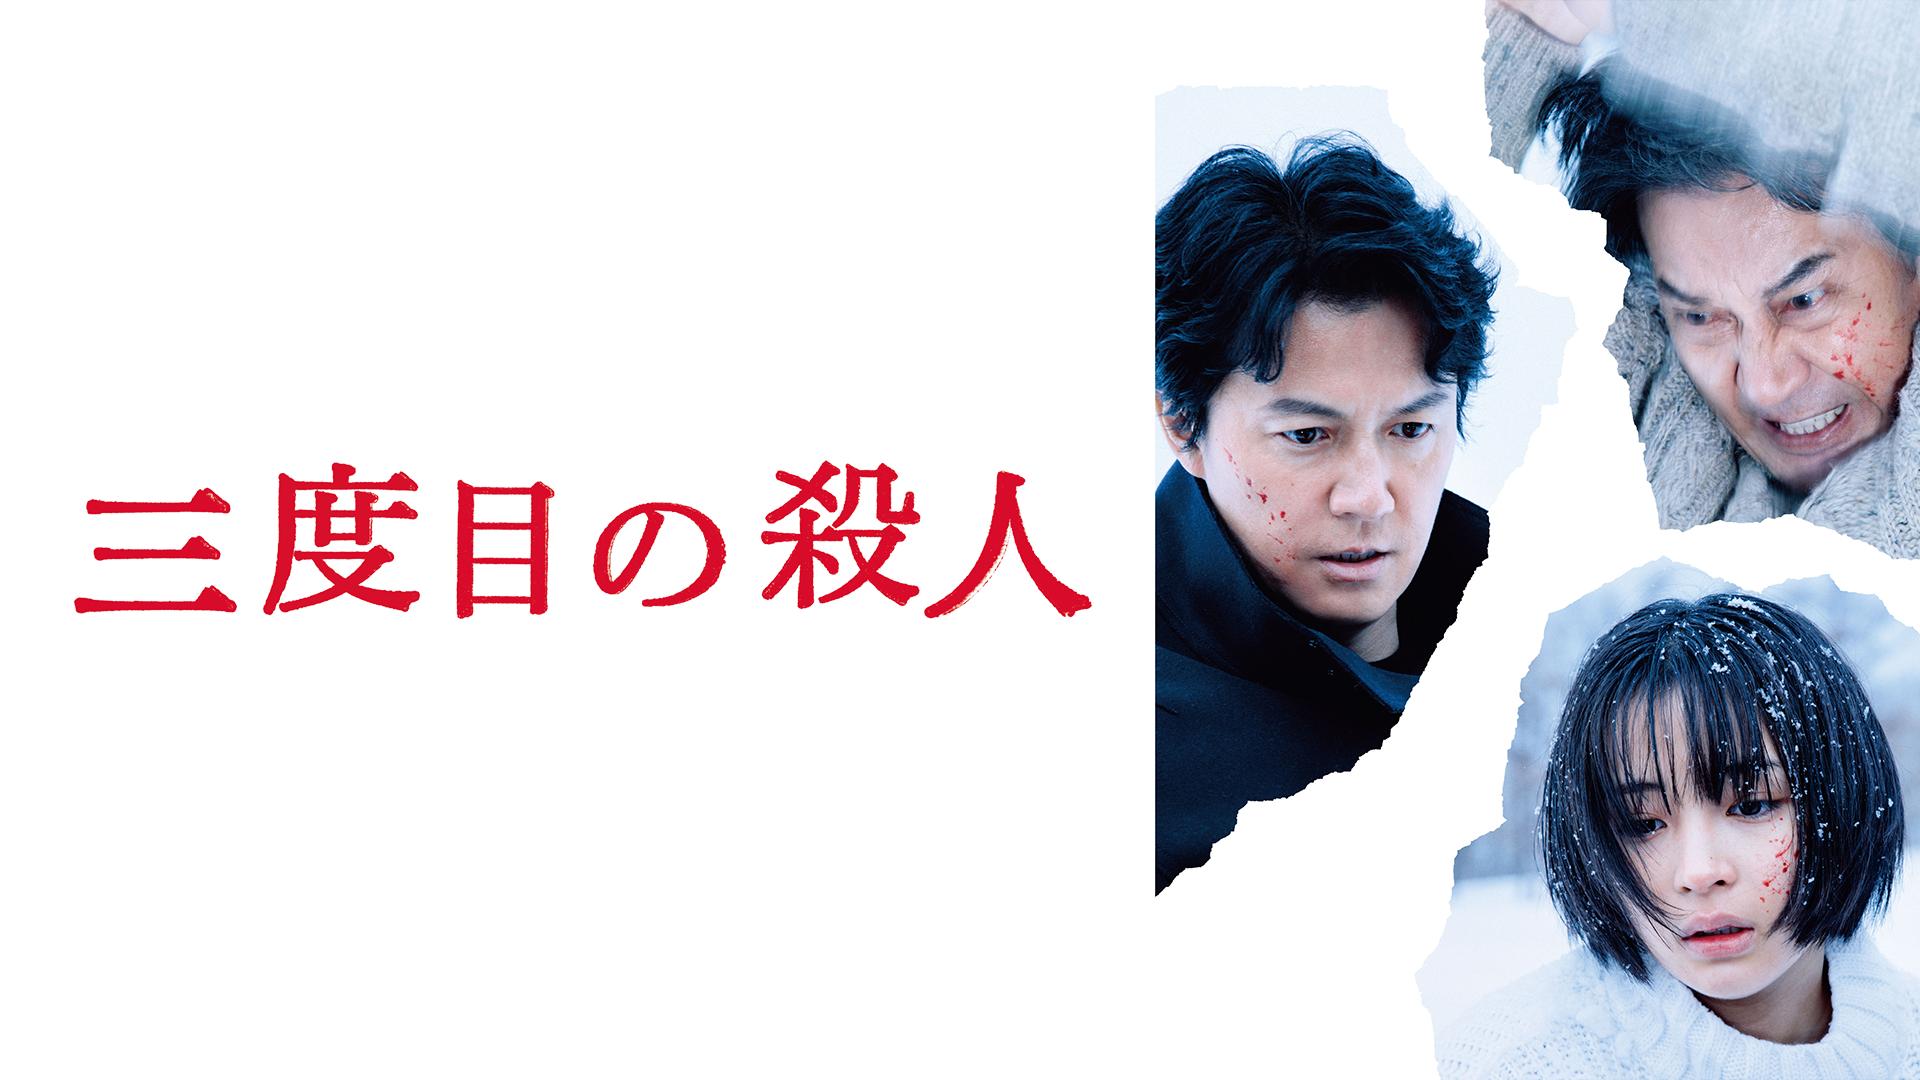 映画『三度目の殺人』無料動画!フル視聴できる方法を調査!おすすめ動画配信サービスは?